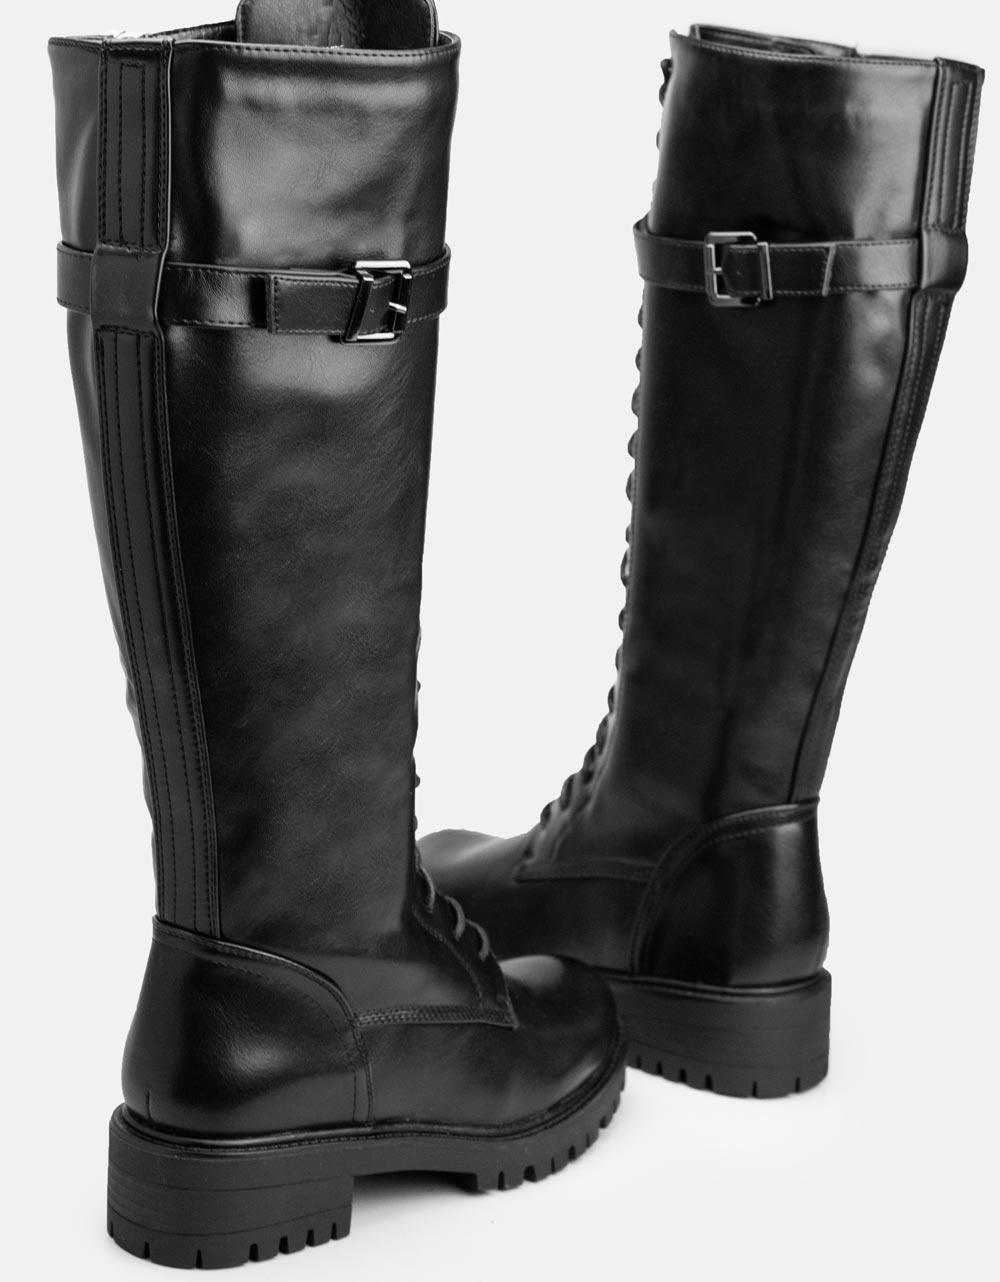 Εικόνα από Γυναικείες μπότες με κορδόνια και τρακτερωτή σόλα Μαύρο